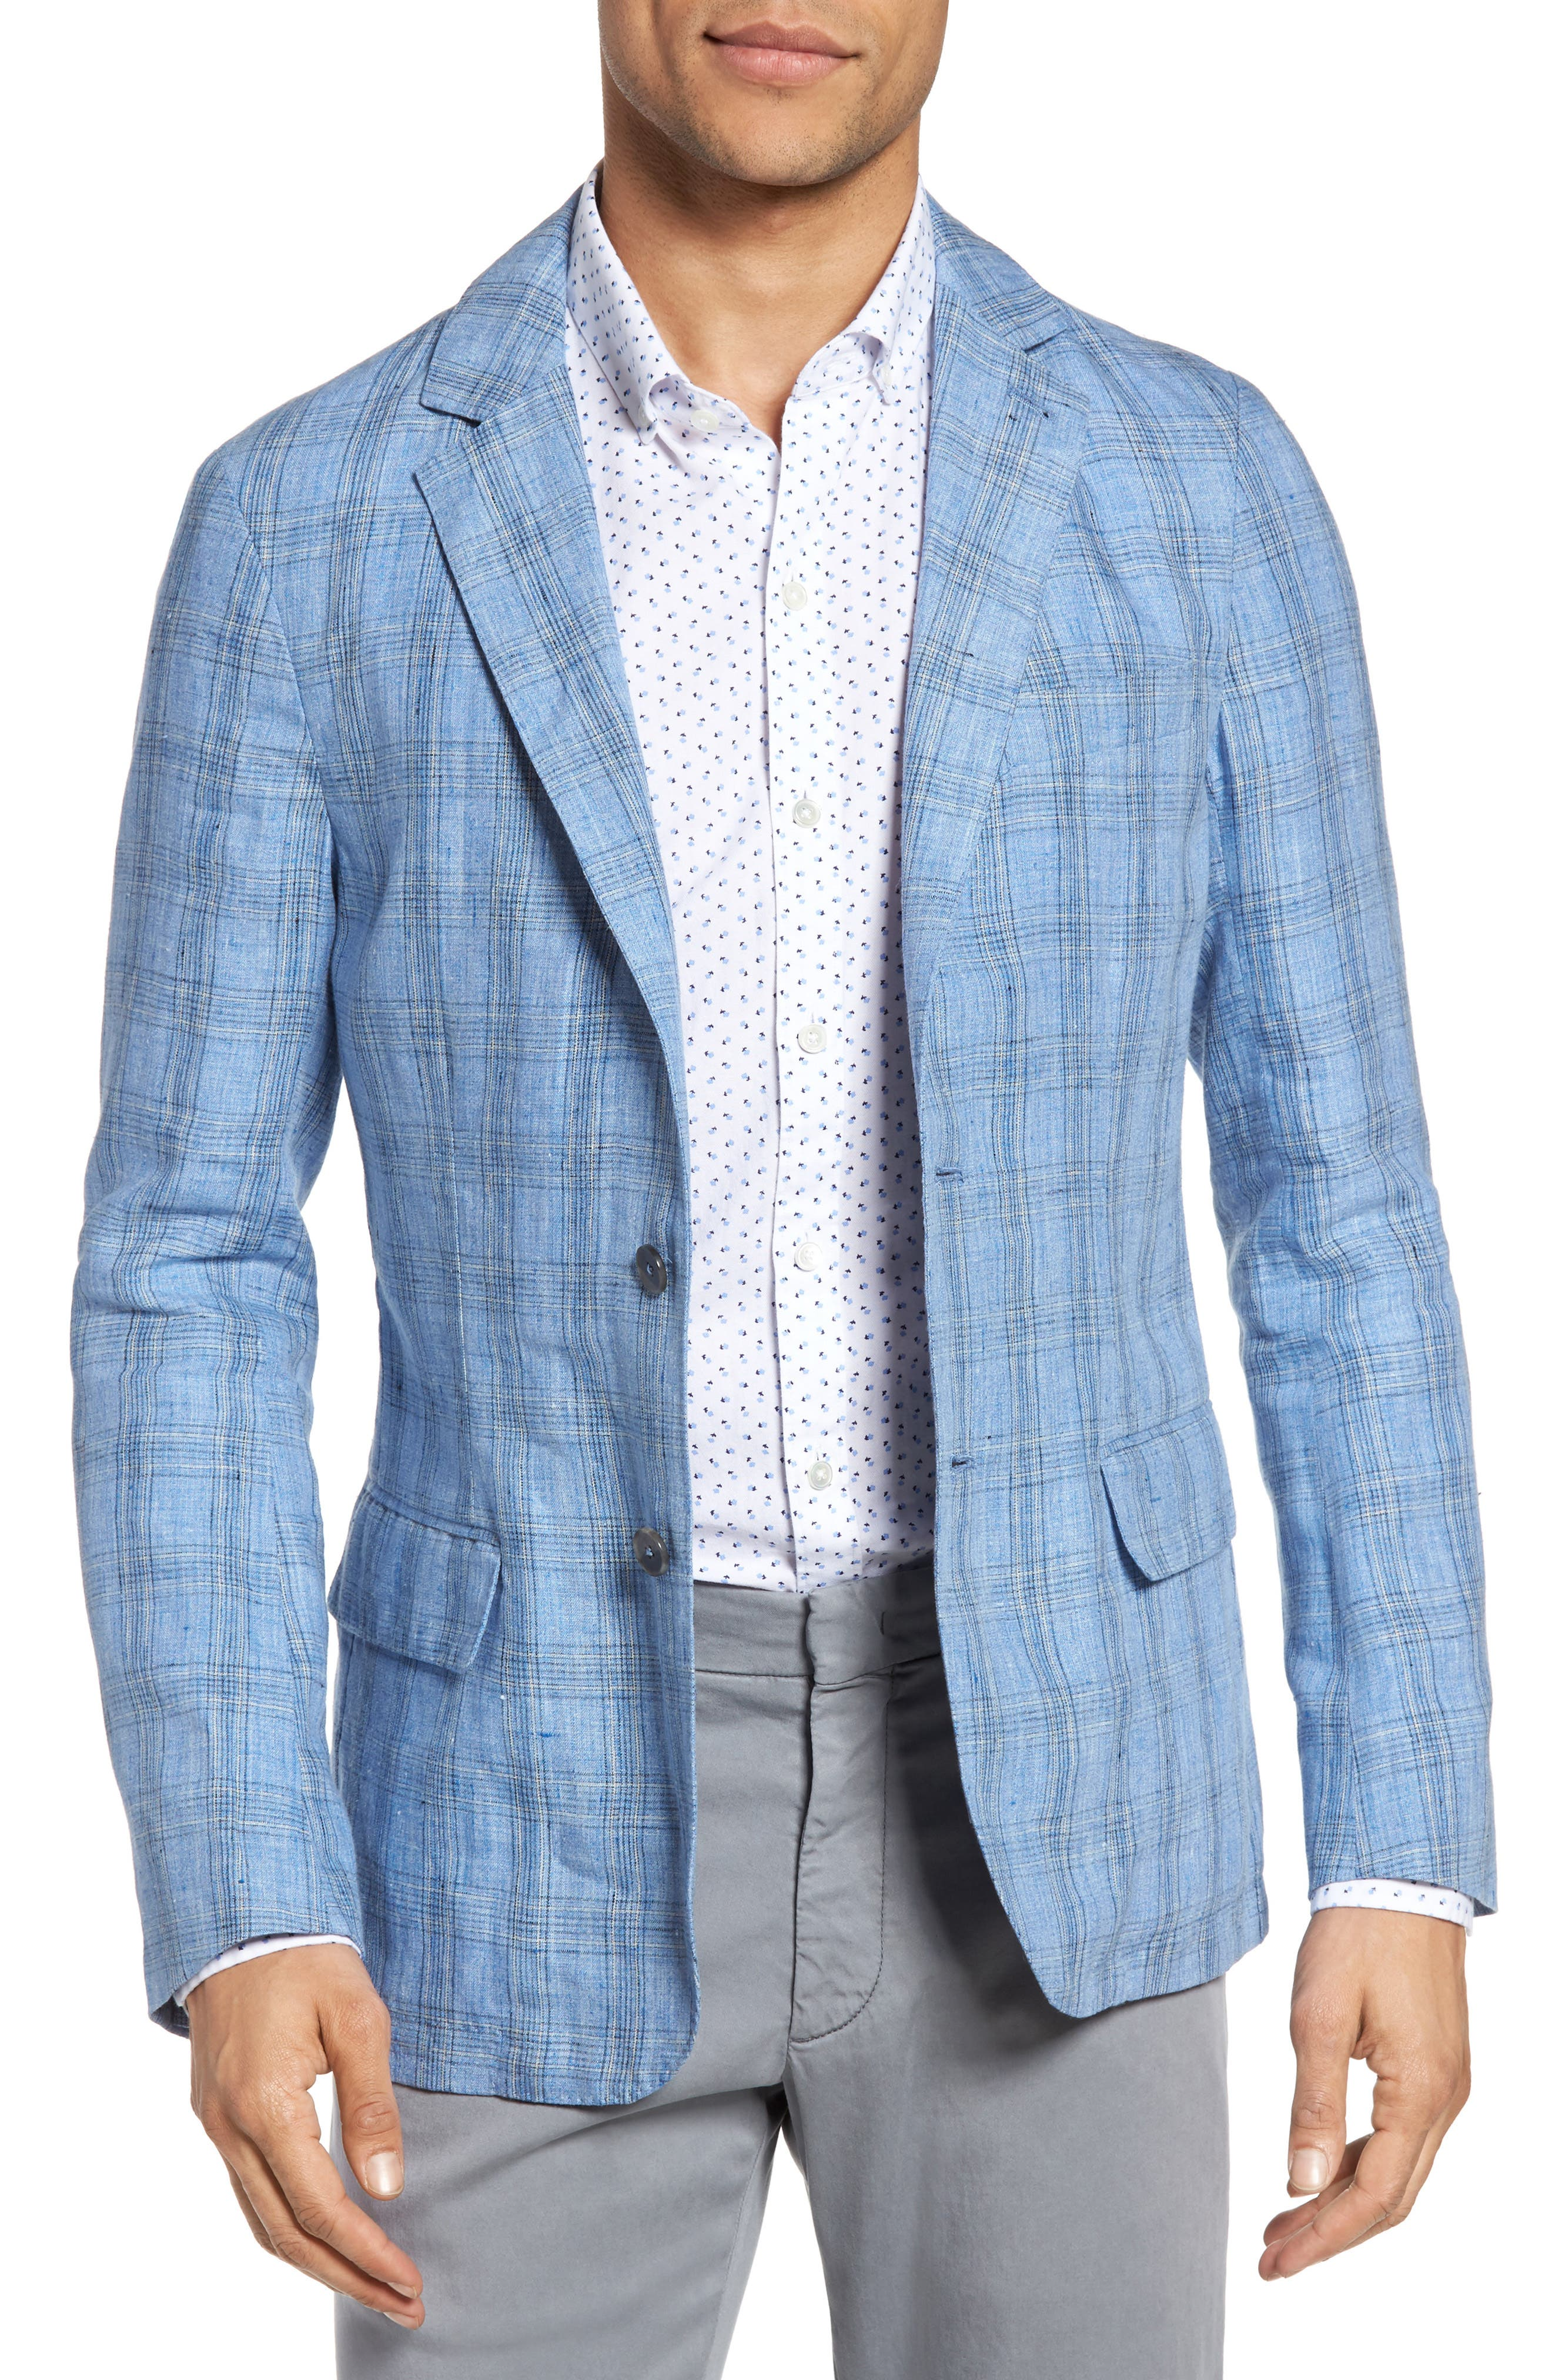 Laxus Plaid Linen Sport Coat,                         Main,                         color, Light Blue